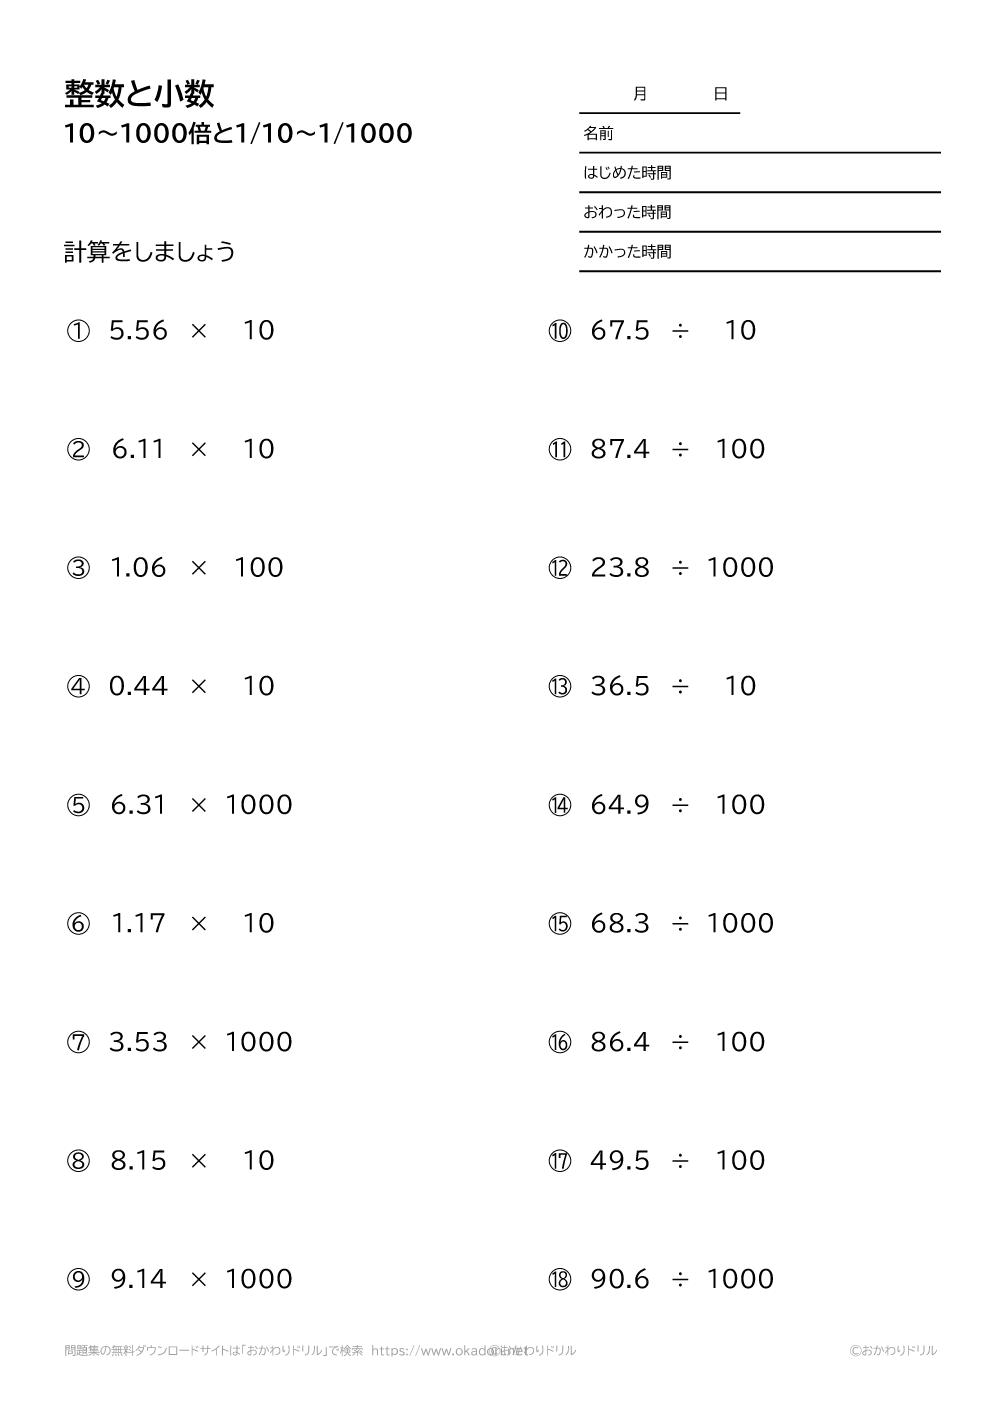 整数と小数-小数の位と小数点の位置-1